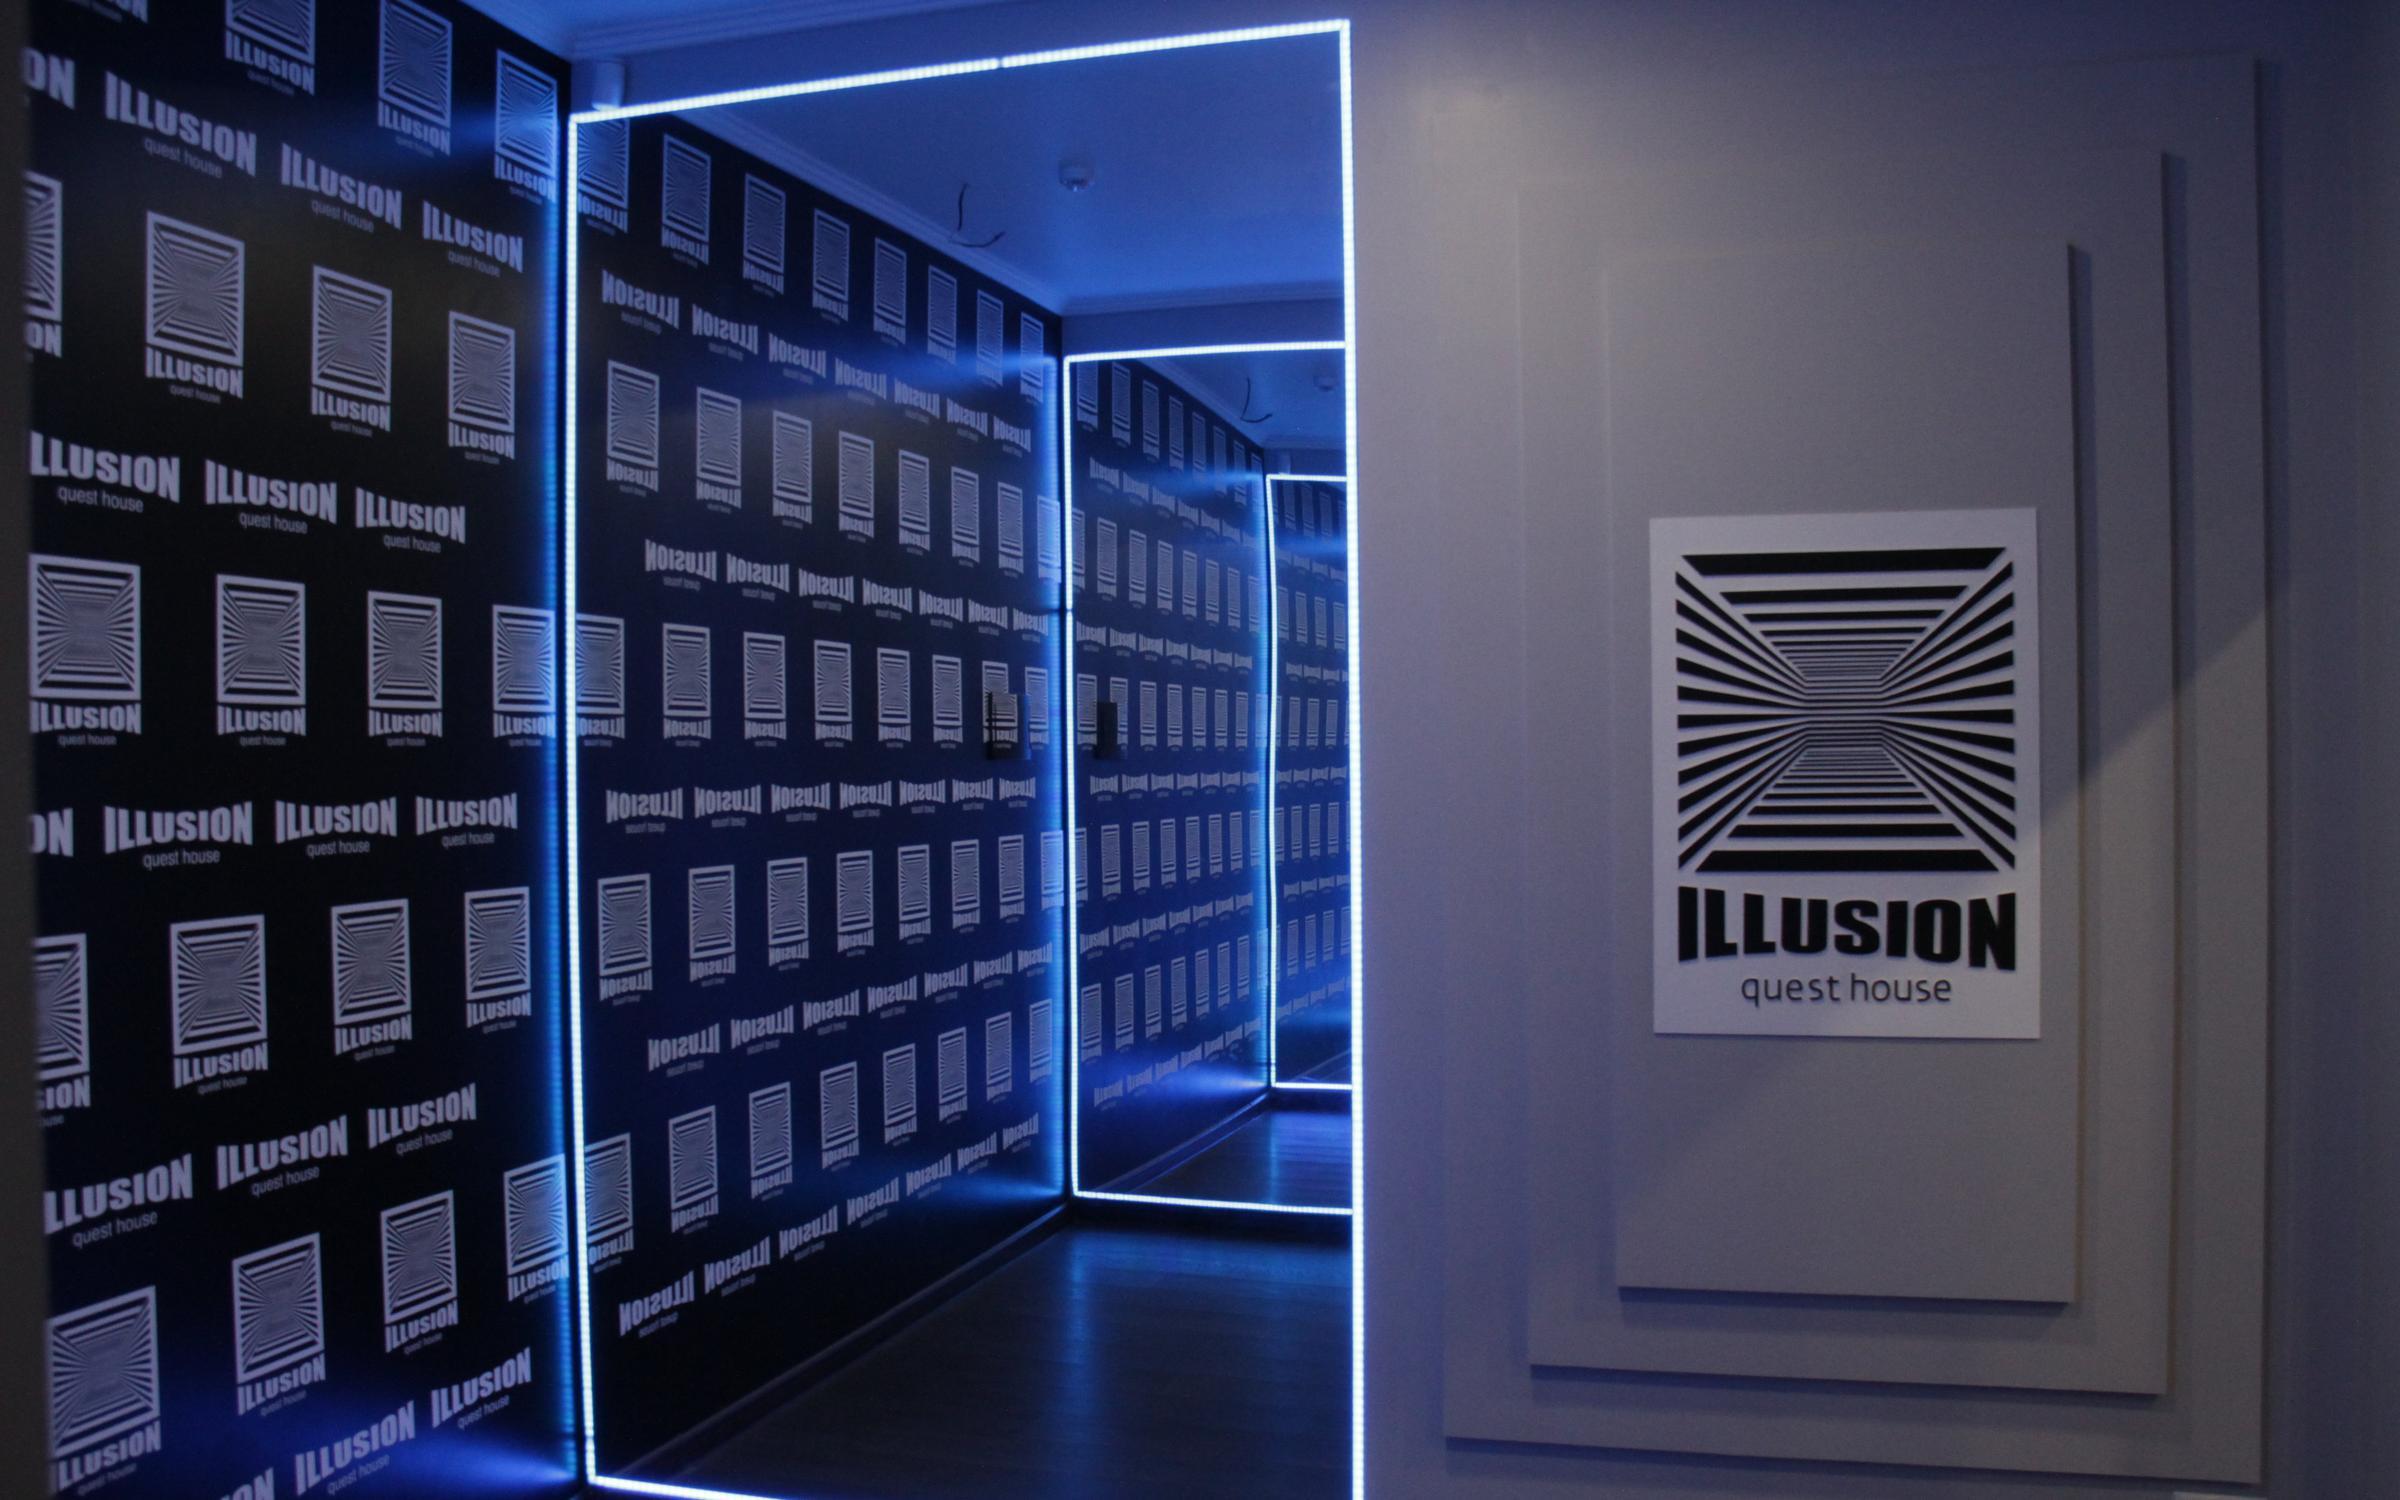 фотография Квестов в реальности ILLUSION quest house